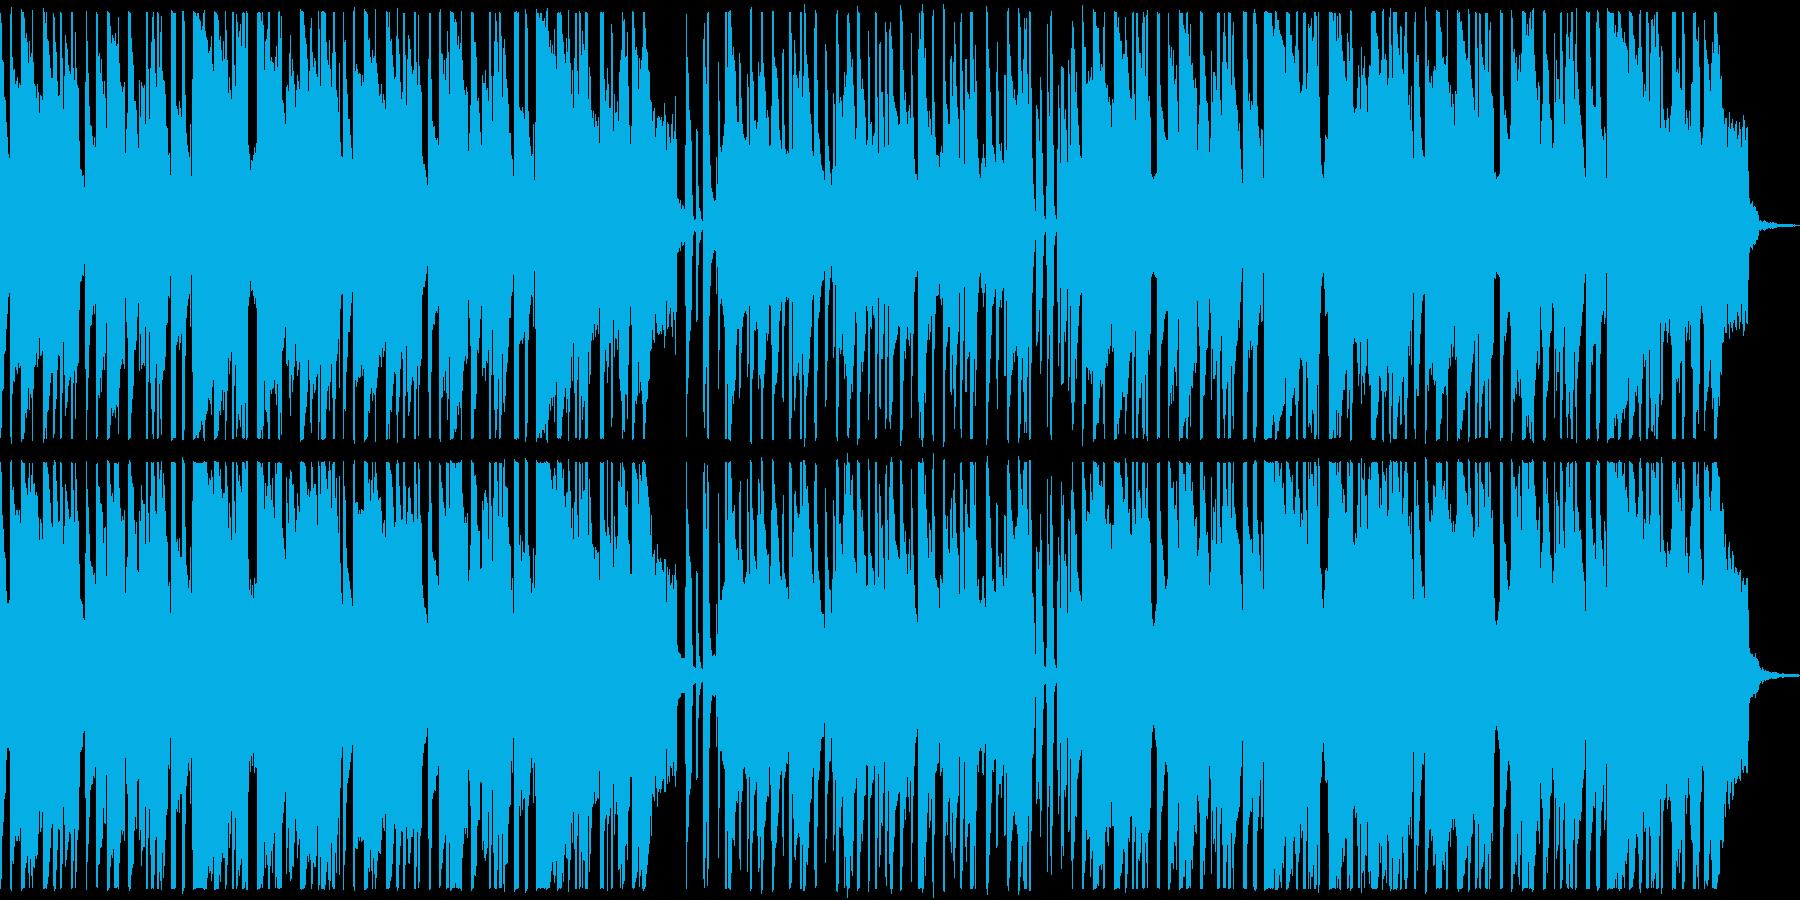 ウクレレと口笛のまったりした曲の再生済みの波形